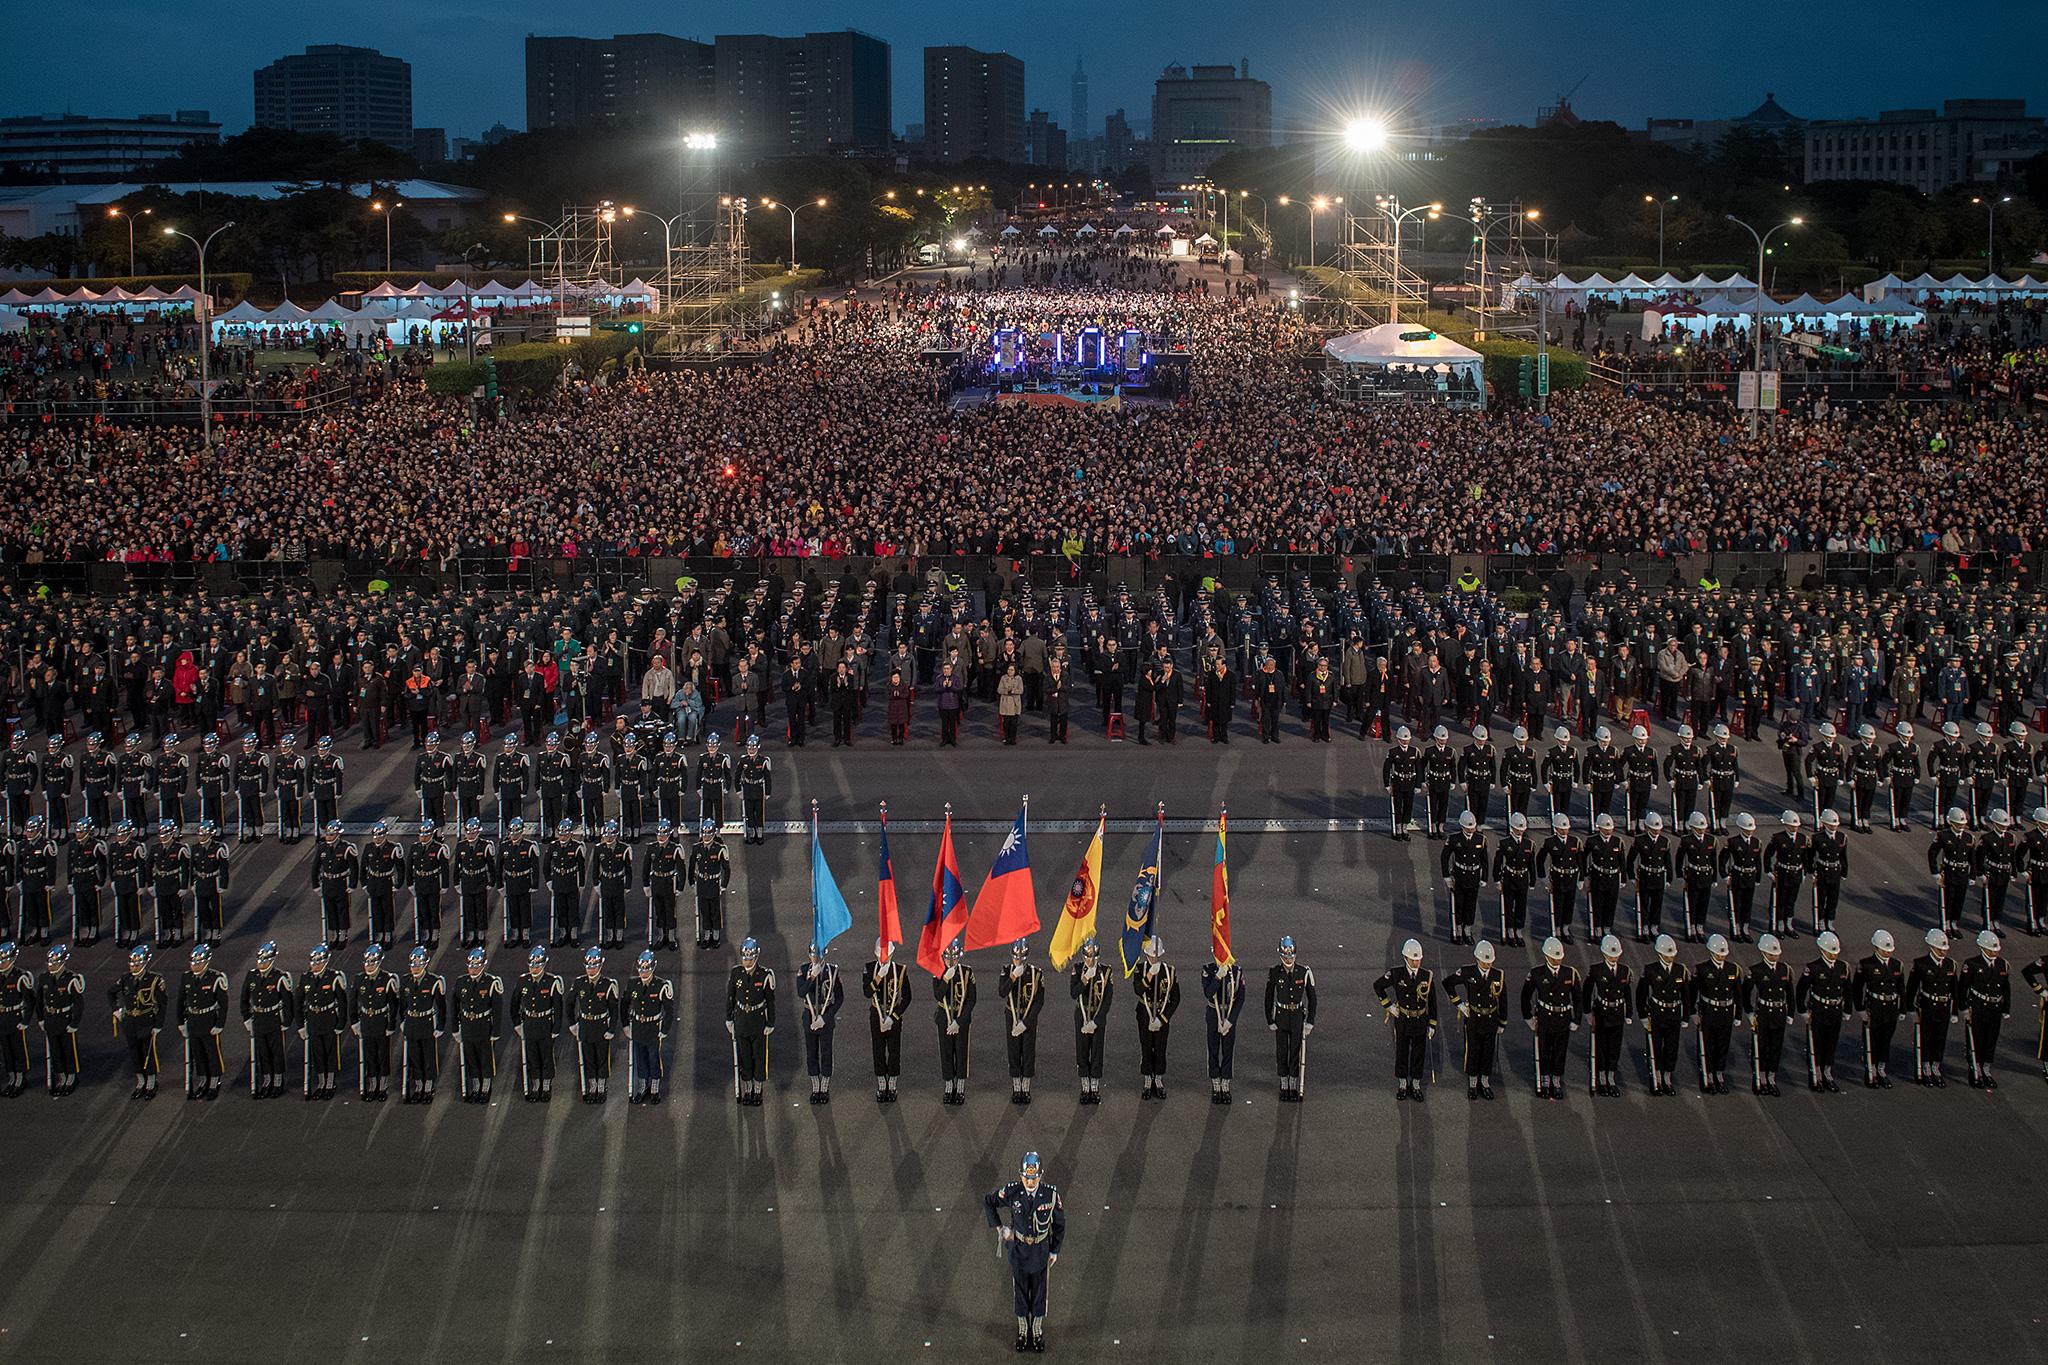 【張登及觀點】中華民國體制仍是與北京競合的最佳方案